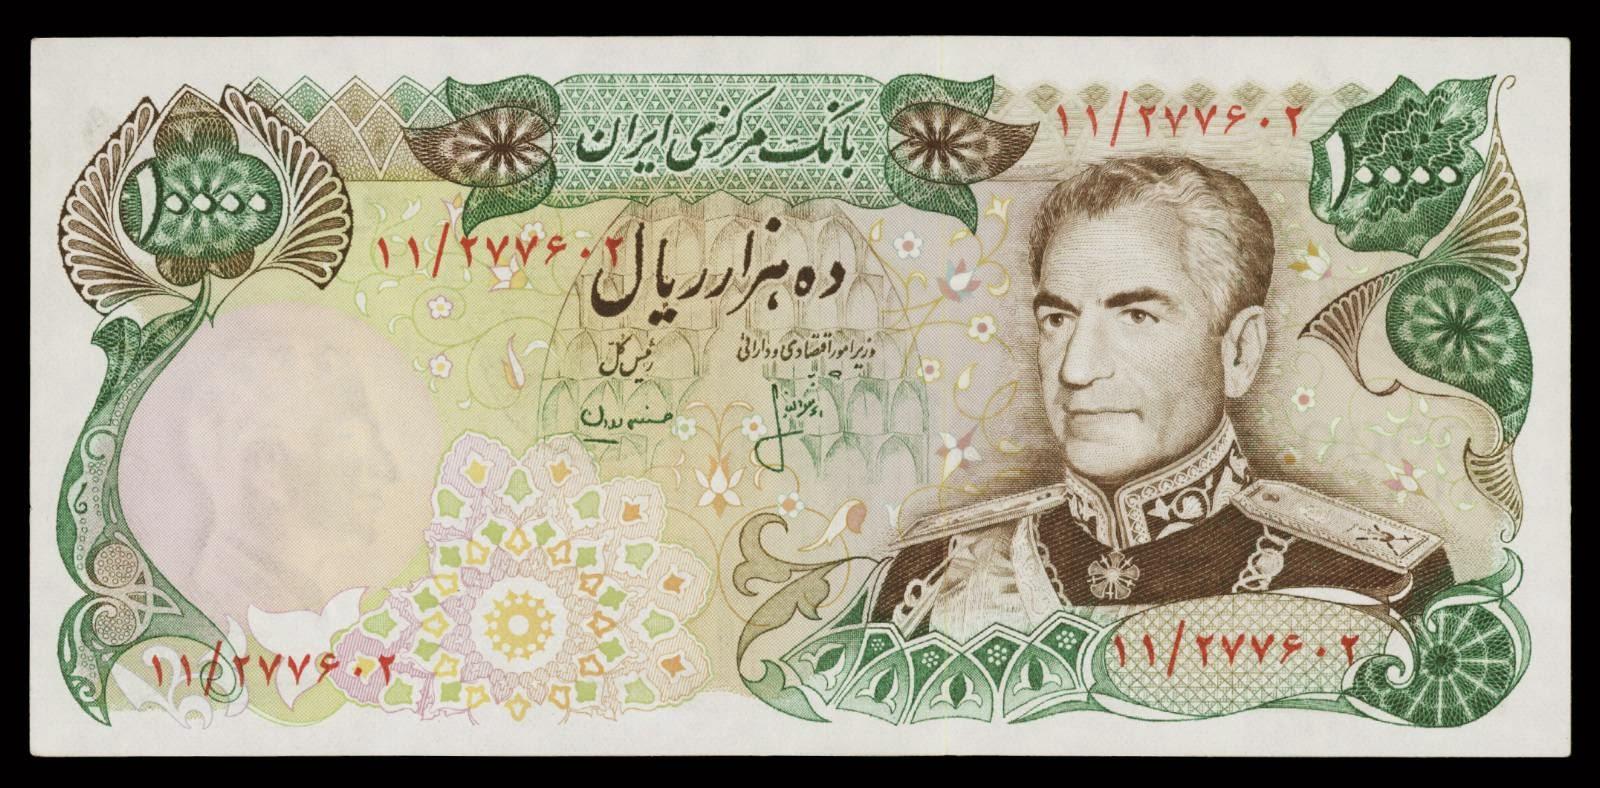 Iran banknotes 10000 Rials note 1974 Mohammad Reza Shah Pahlavi